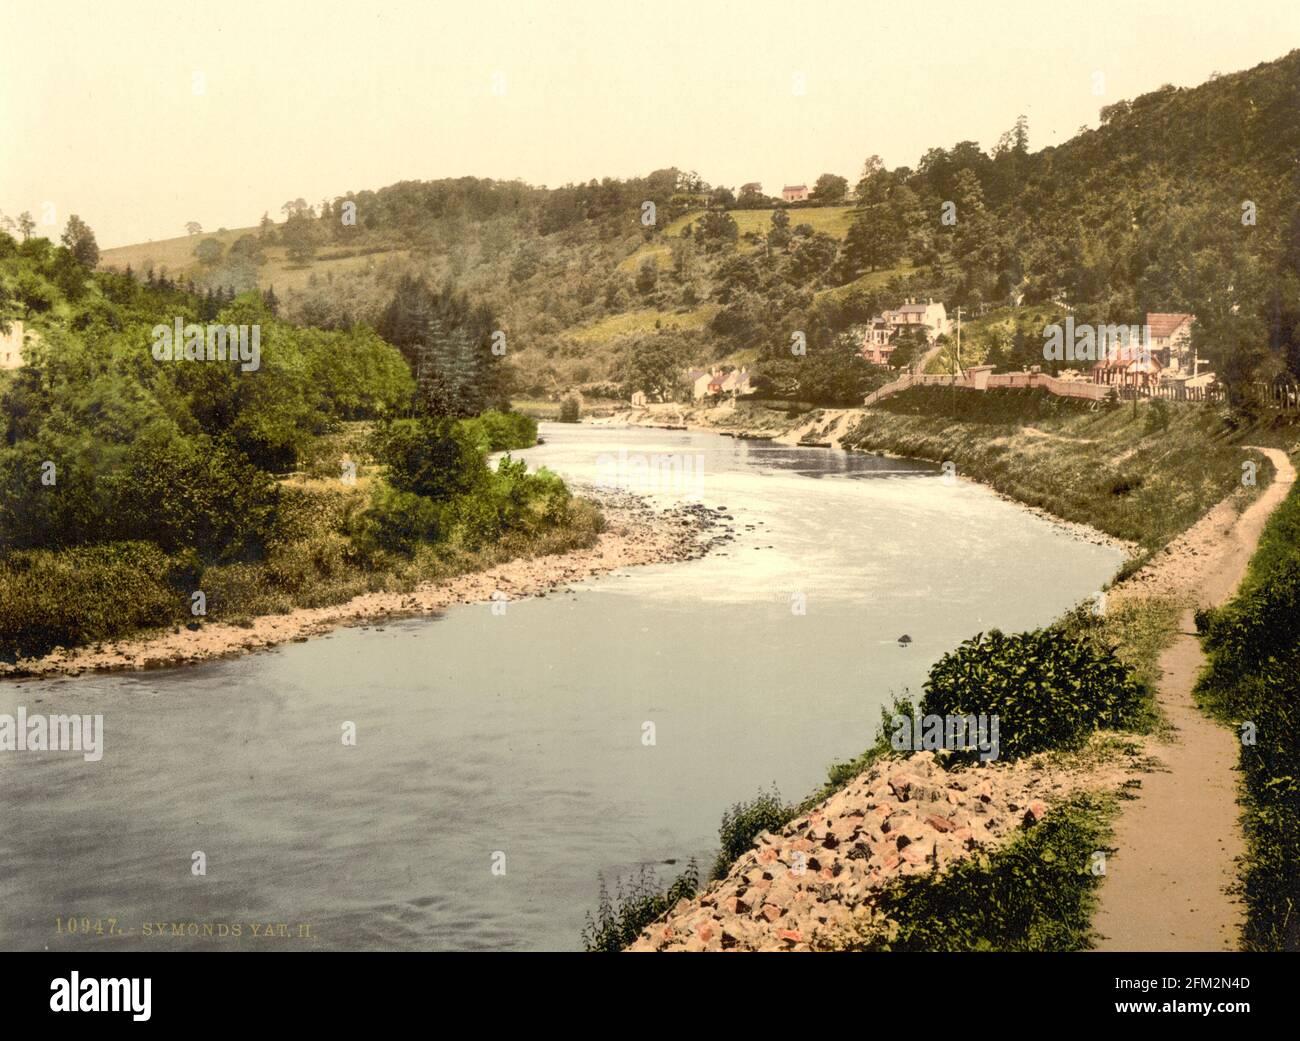 Symonds Yat et la rivière Wye, Herefordshire vers 1890-1900 Banque D'Images